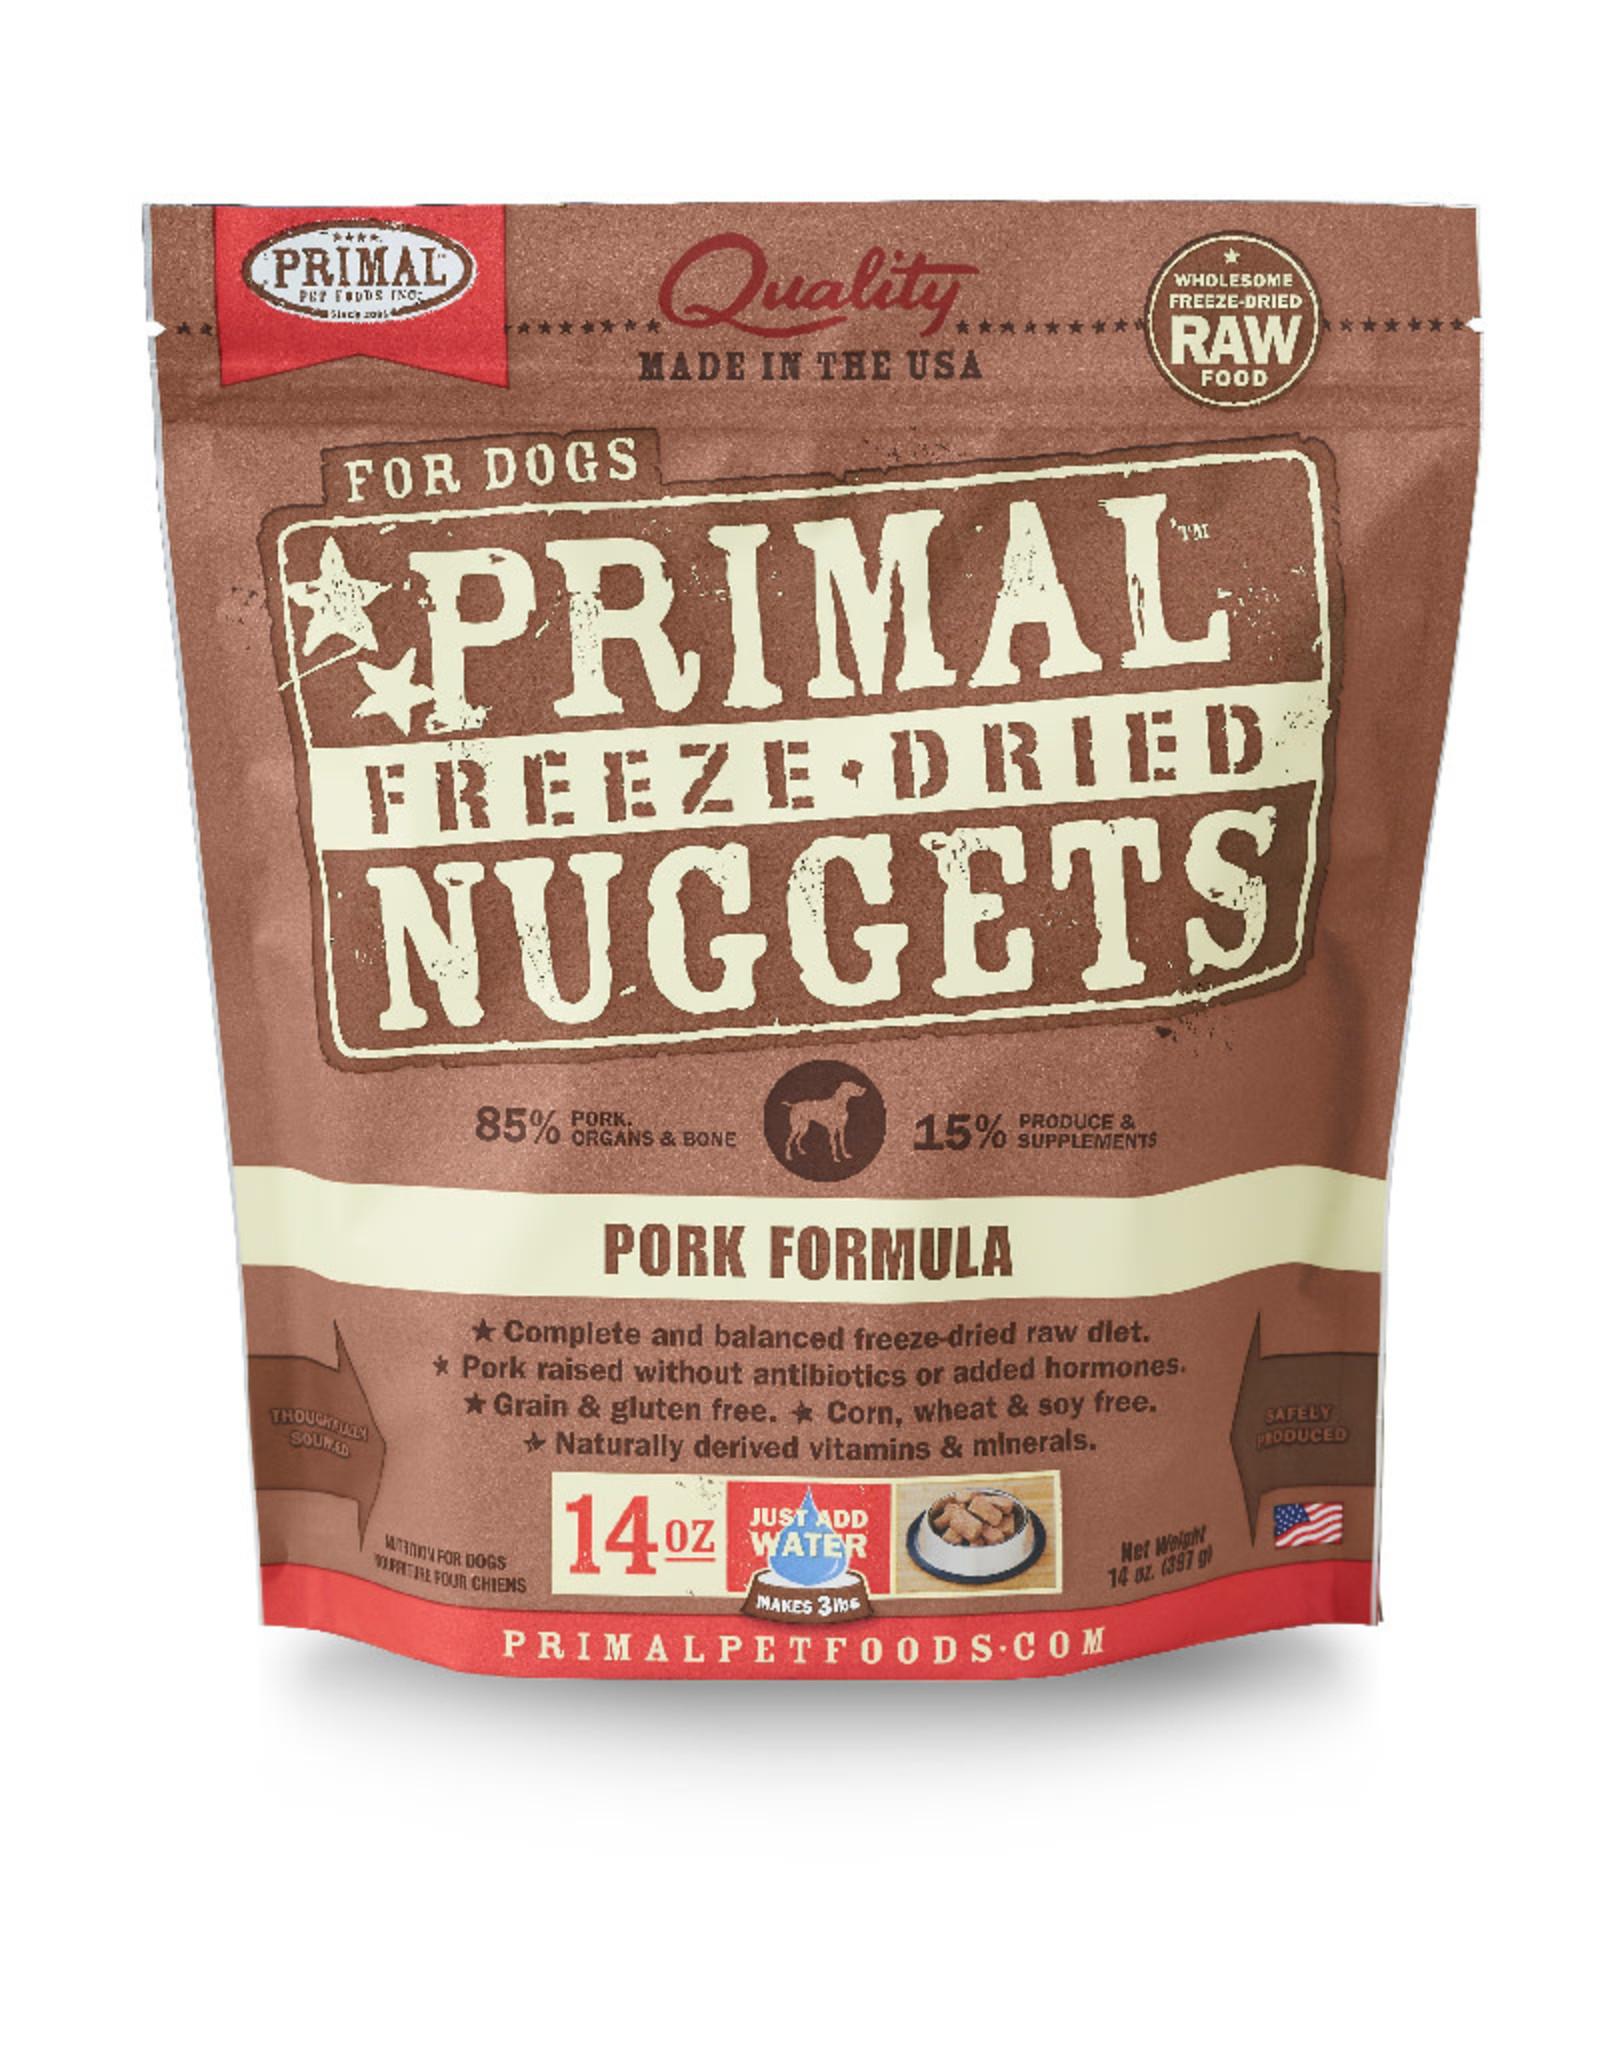 PRIMAL PET FOODS Primal | Freeze Dried Nuggets Canine Pork Formula 14 oz